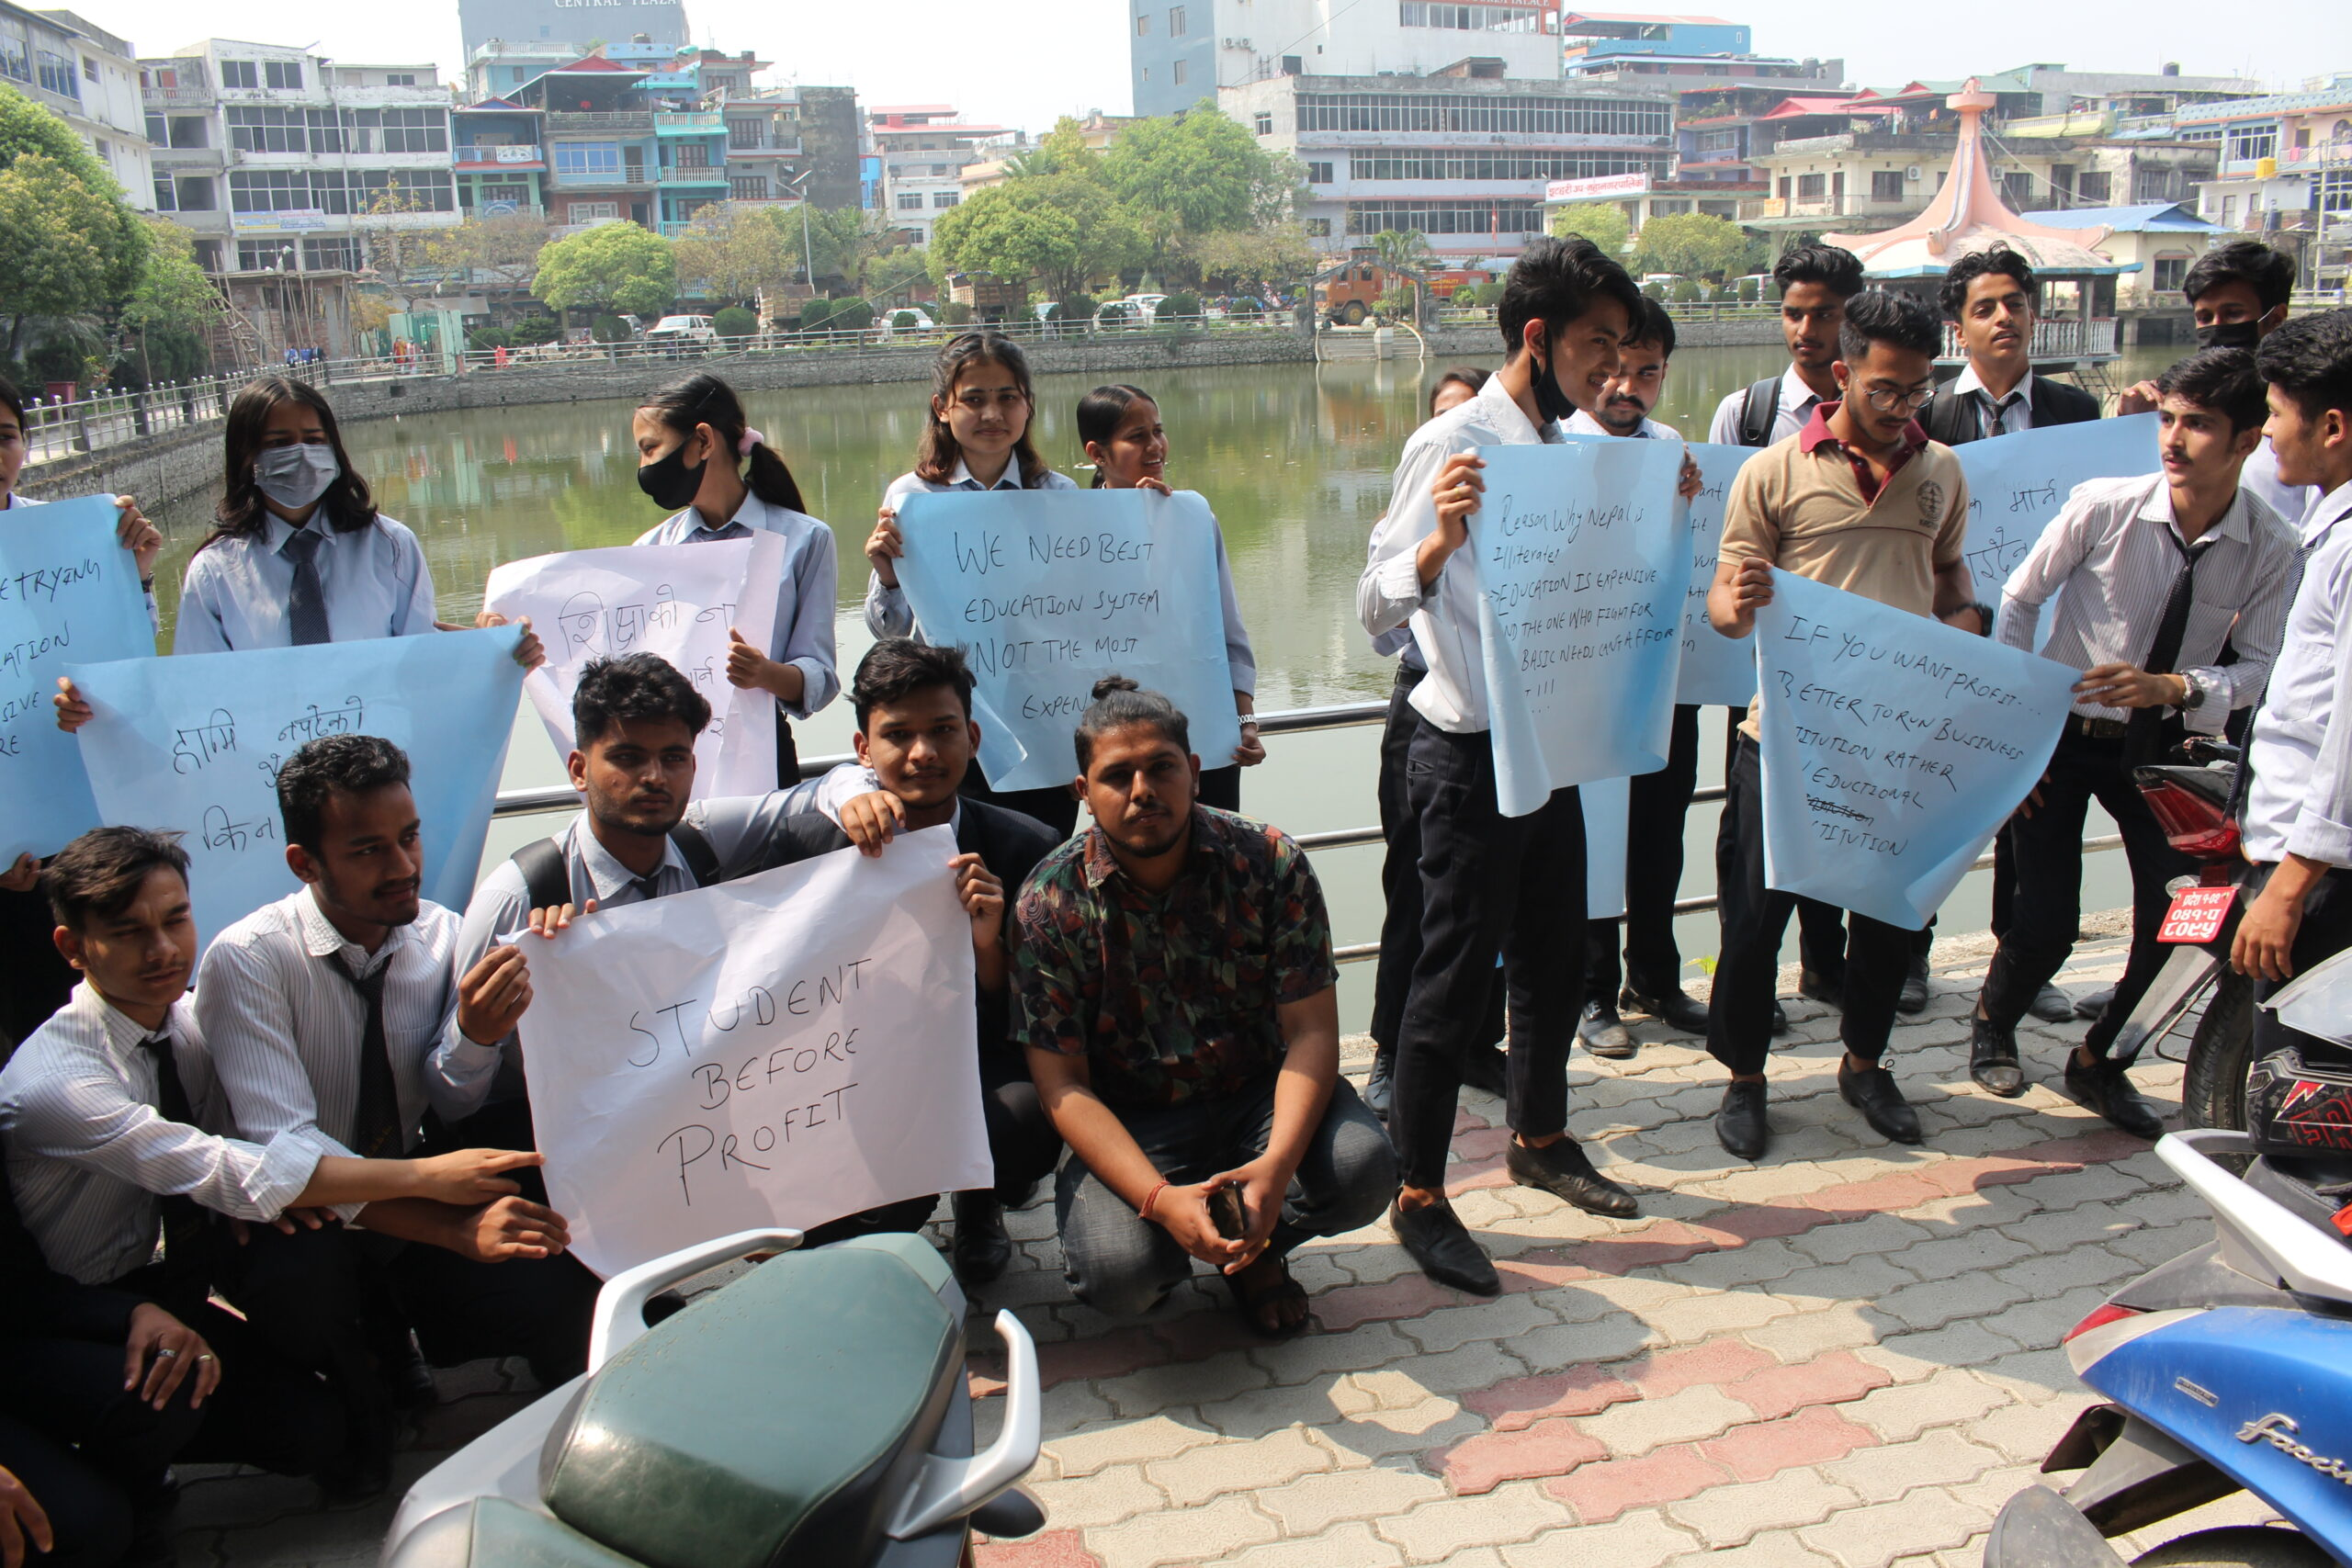 निजी कलेजः १ वर्षको मासिक शुल्क तिर, विद्यार्थी: नपढेको पैसा किन तिर्नु ?